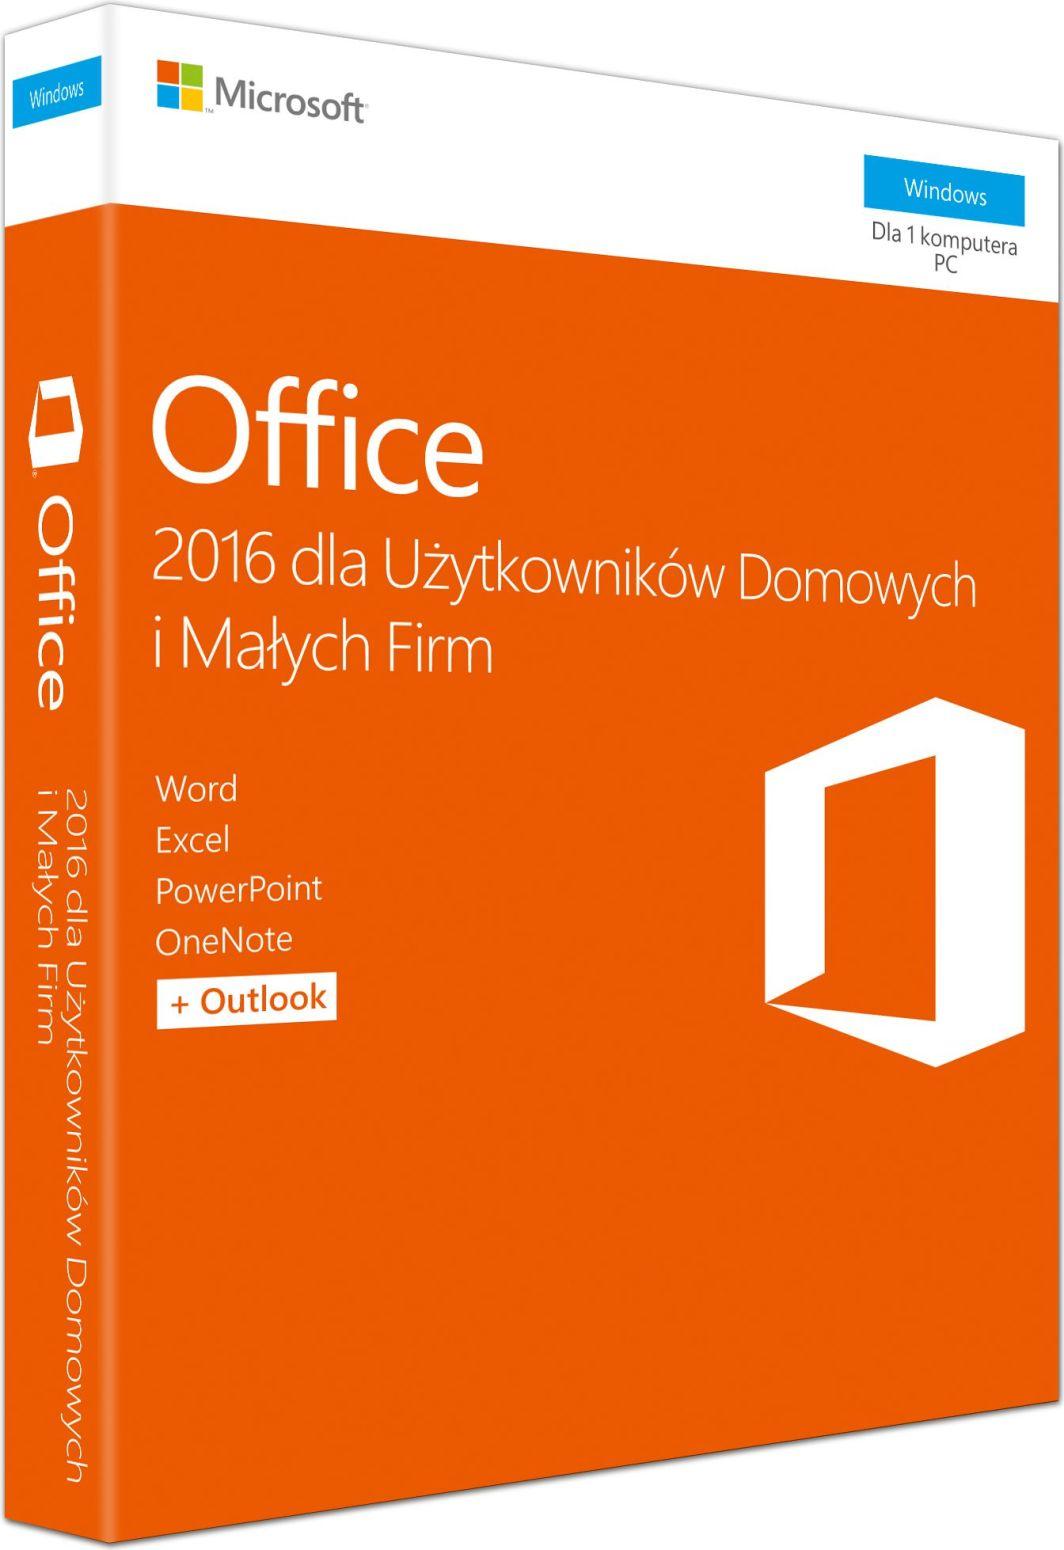 Microsoft Office 2016 dla Użytkowników Domowych i Małych Firm (T5D-02786) 1